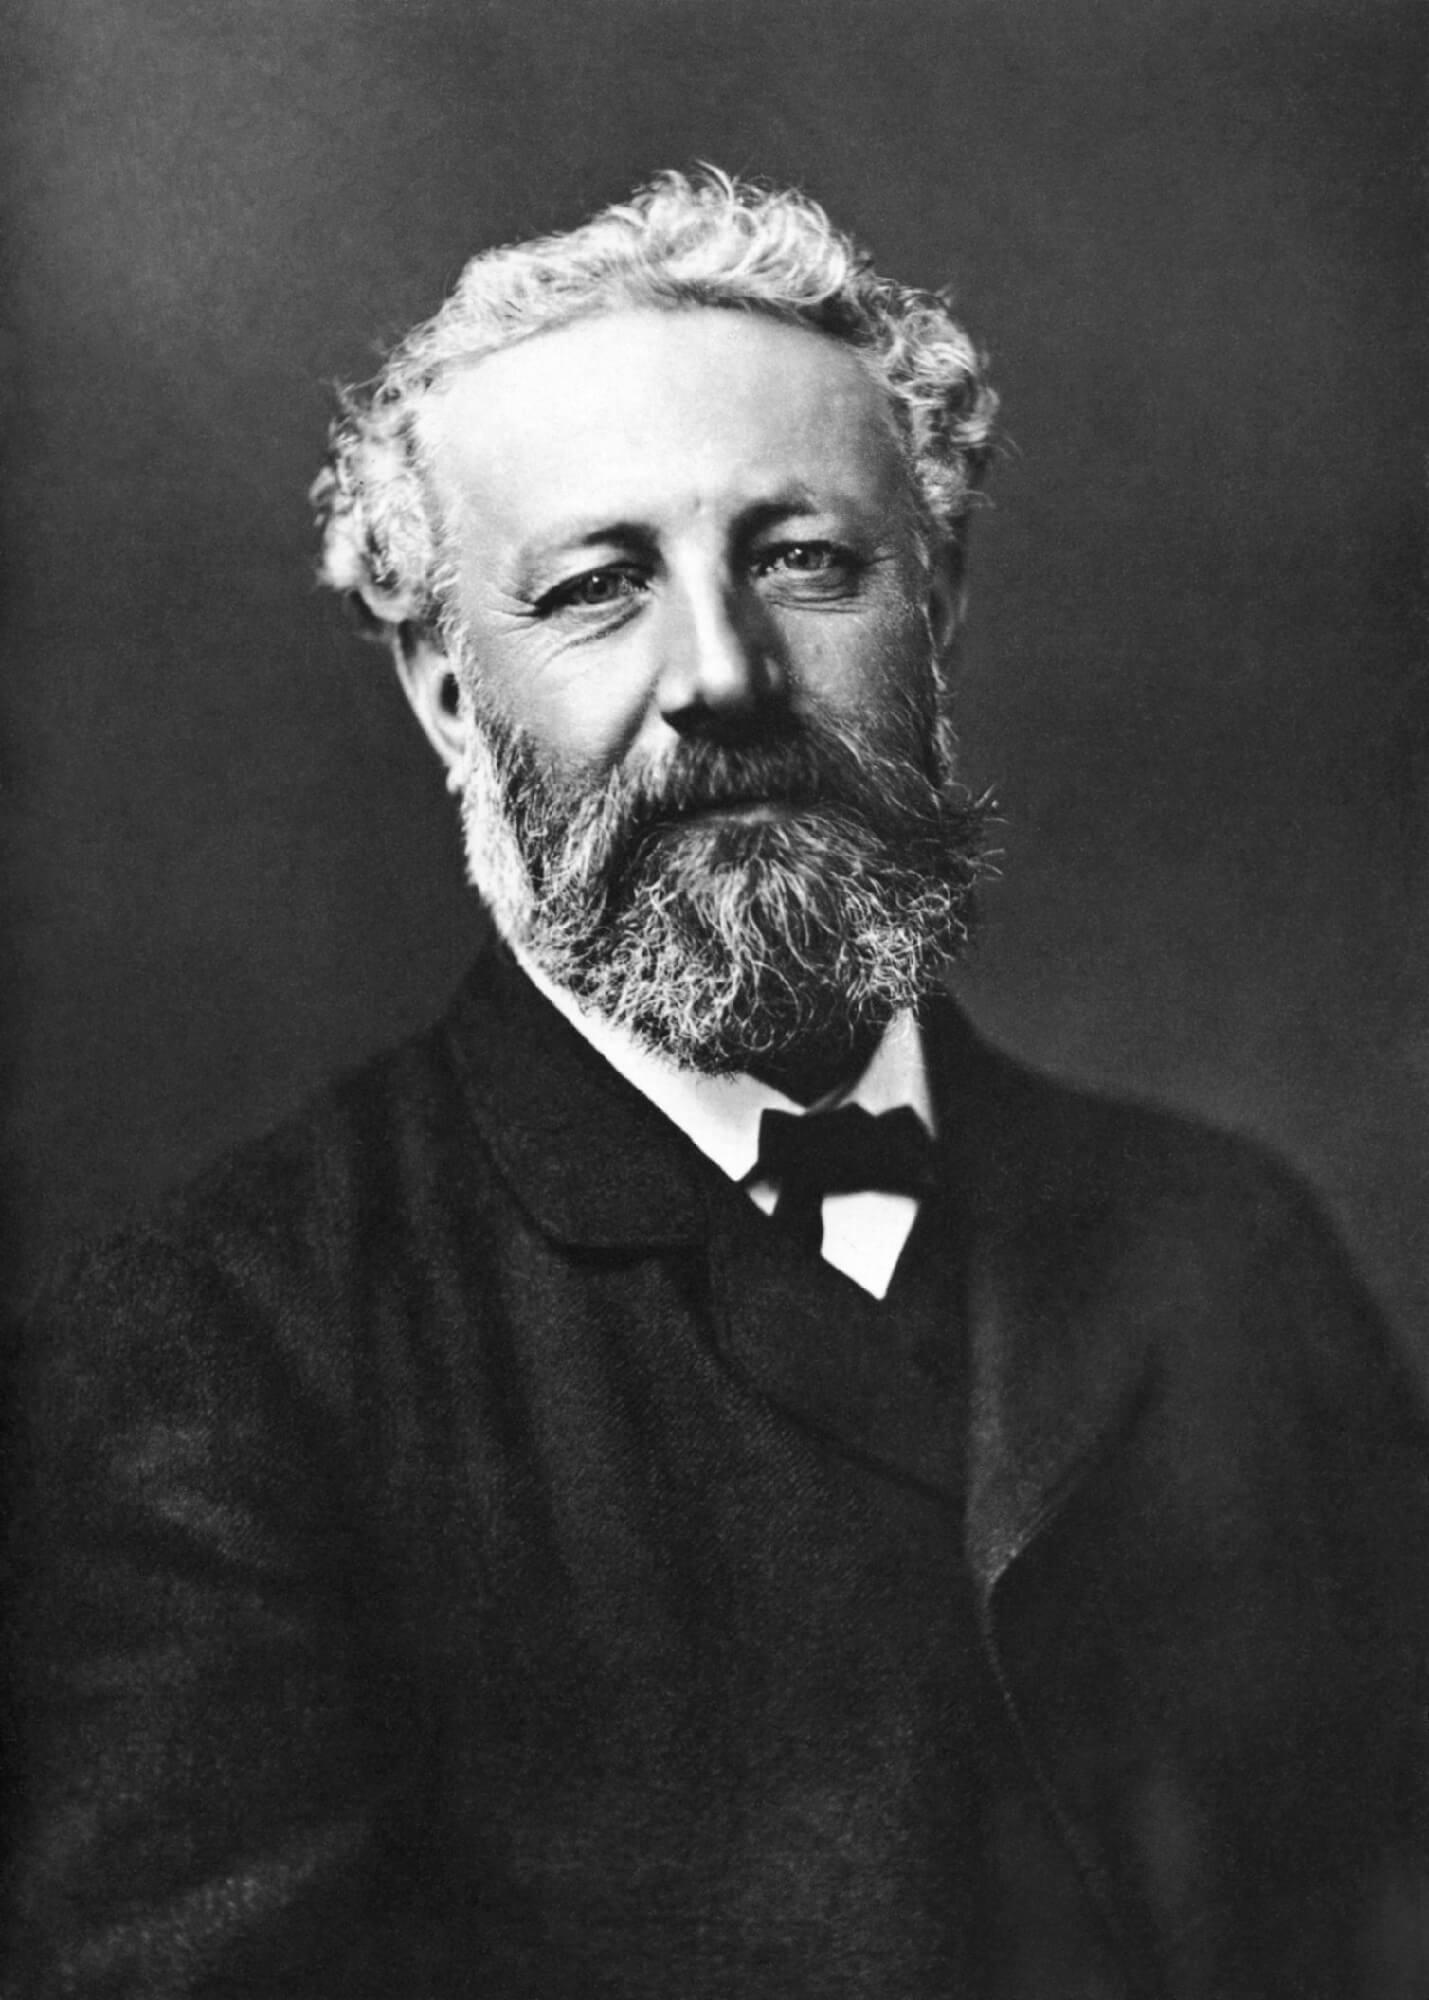 Do you reckon Jules Verne ever visited Zürich?